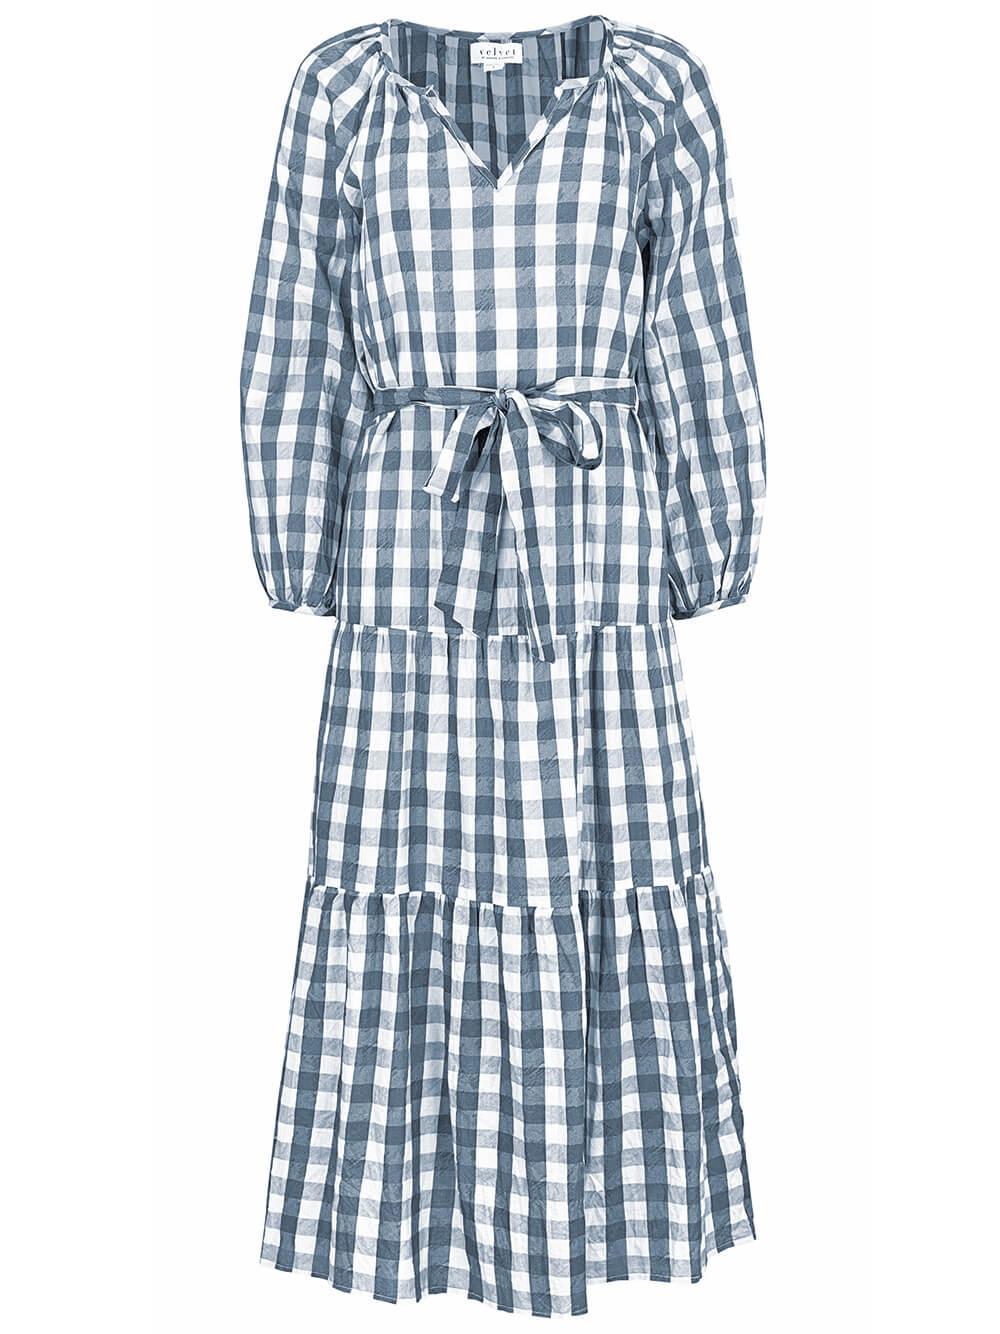 Trish Gingham Midi Dress Item # TRISH05